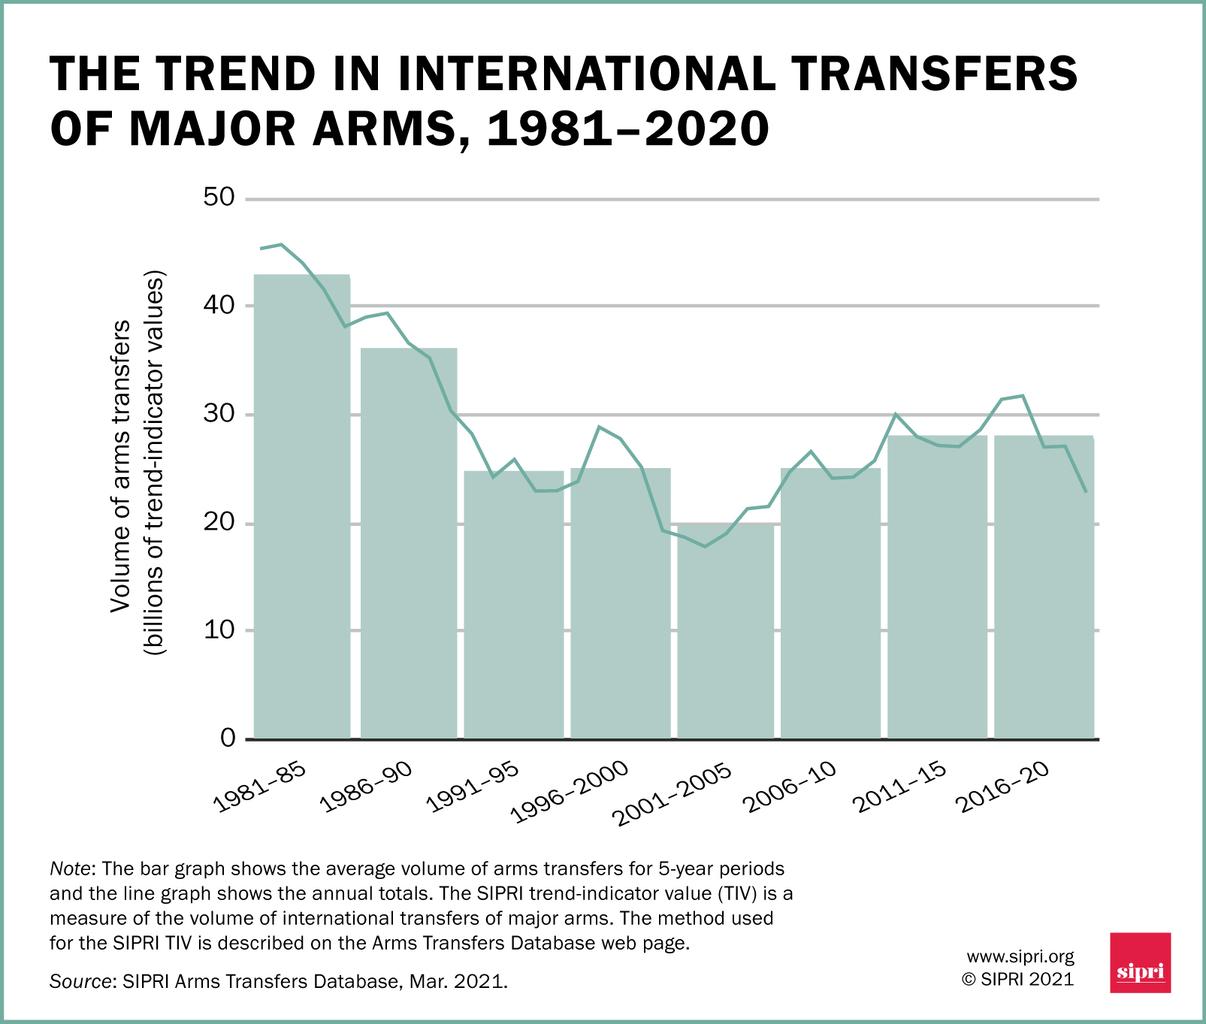 A globális fegyverpiac alakulása 1981 és 2020 között. Az oszlopok az ötéves periódusok összértékét, míg a vonal az éves értékeket ábrázolja a SIPRI által alkalmazott trendmutató fényében #moszkvater